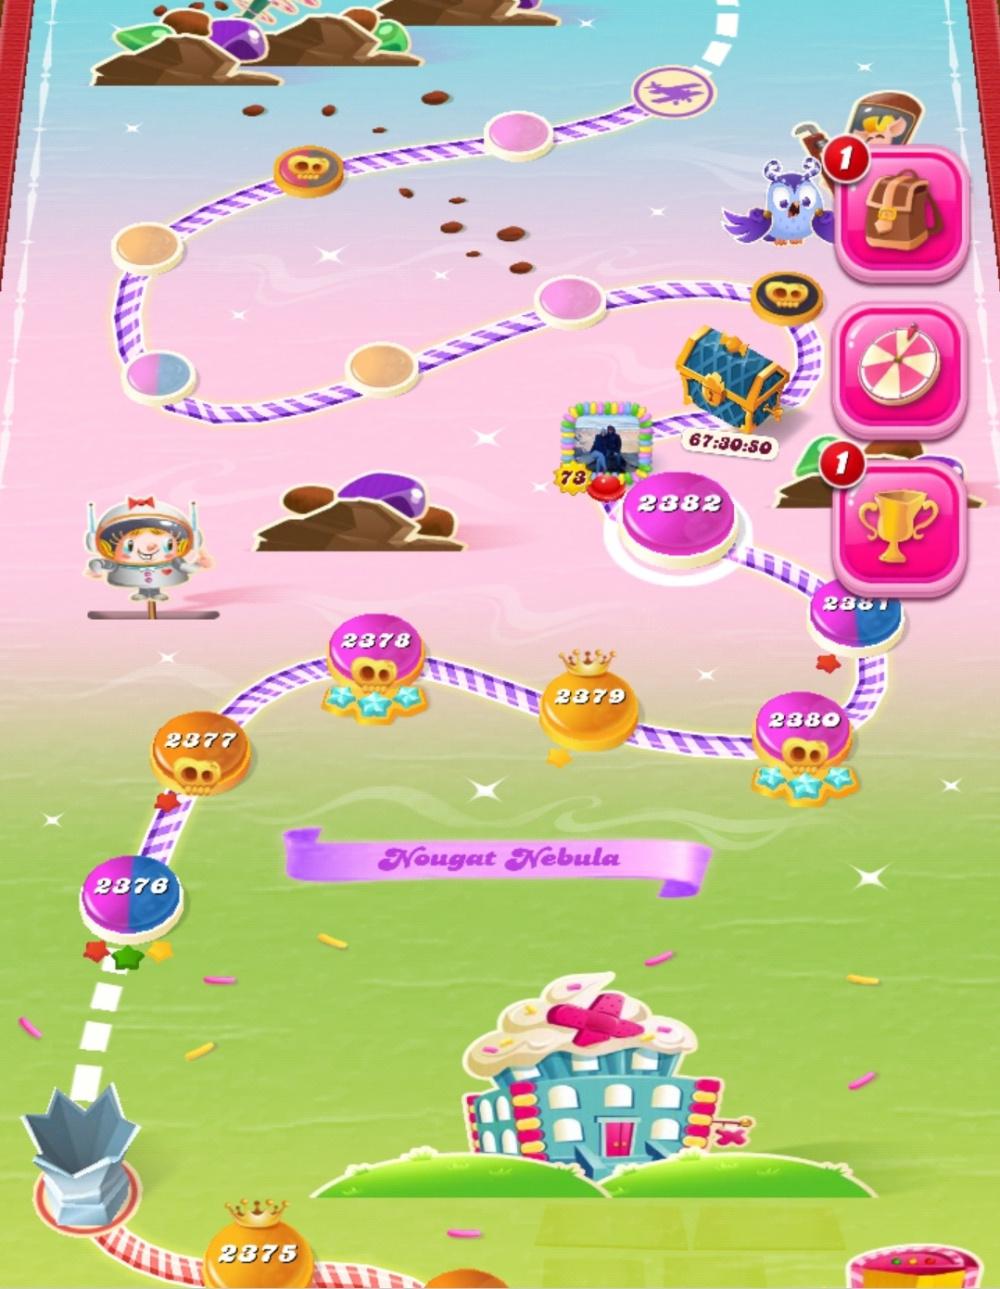 Screenshot_20200327-092925_Candy Crush Saga.jpg